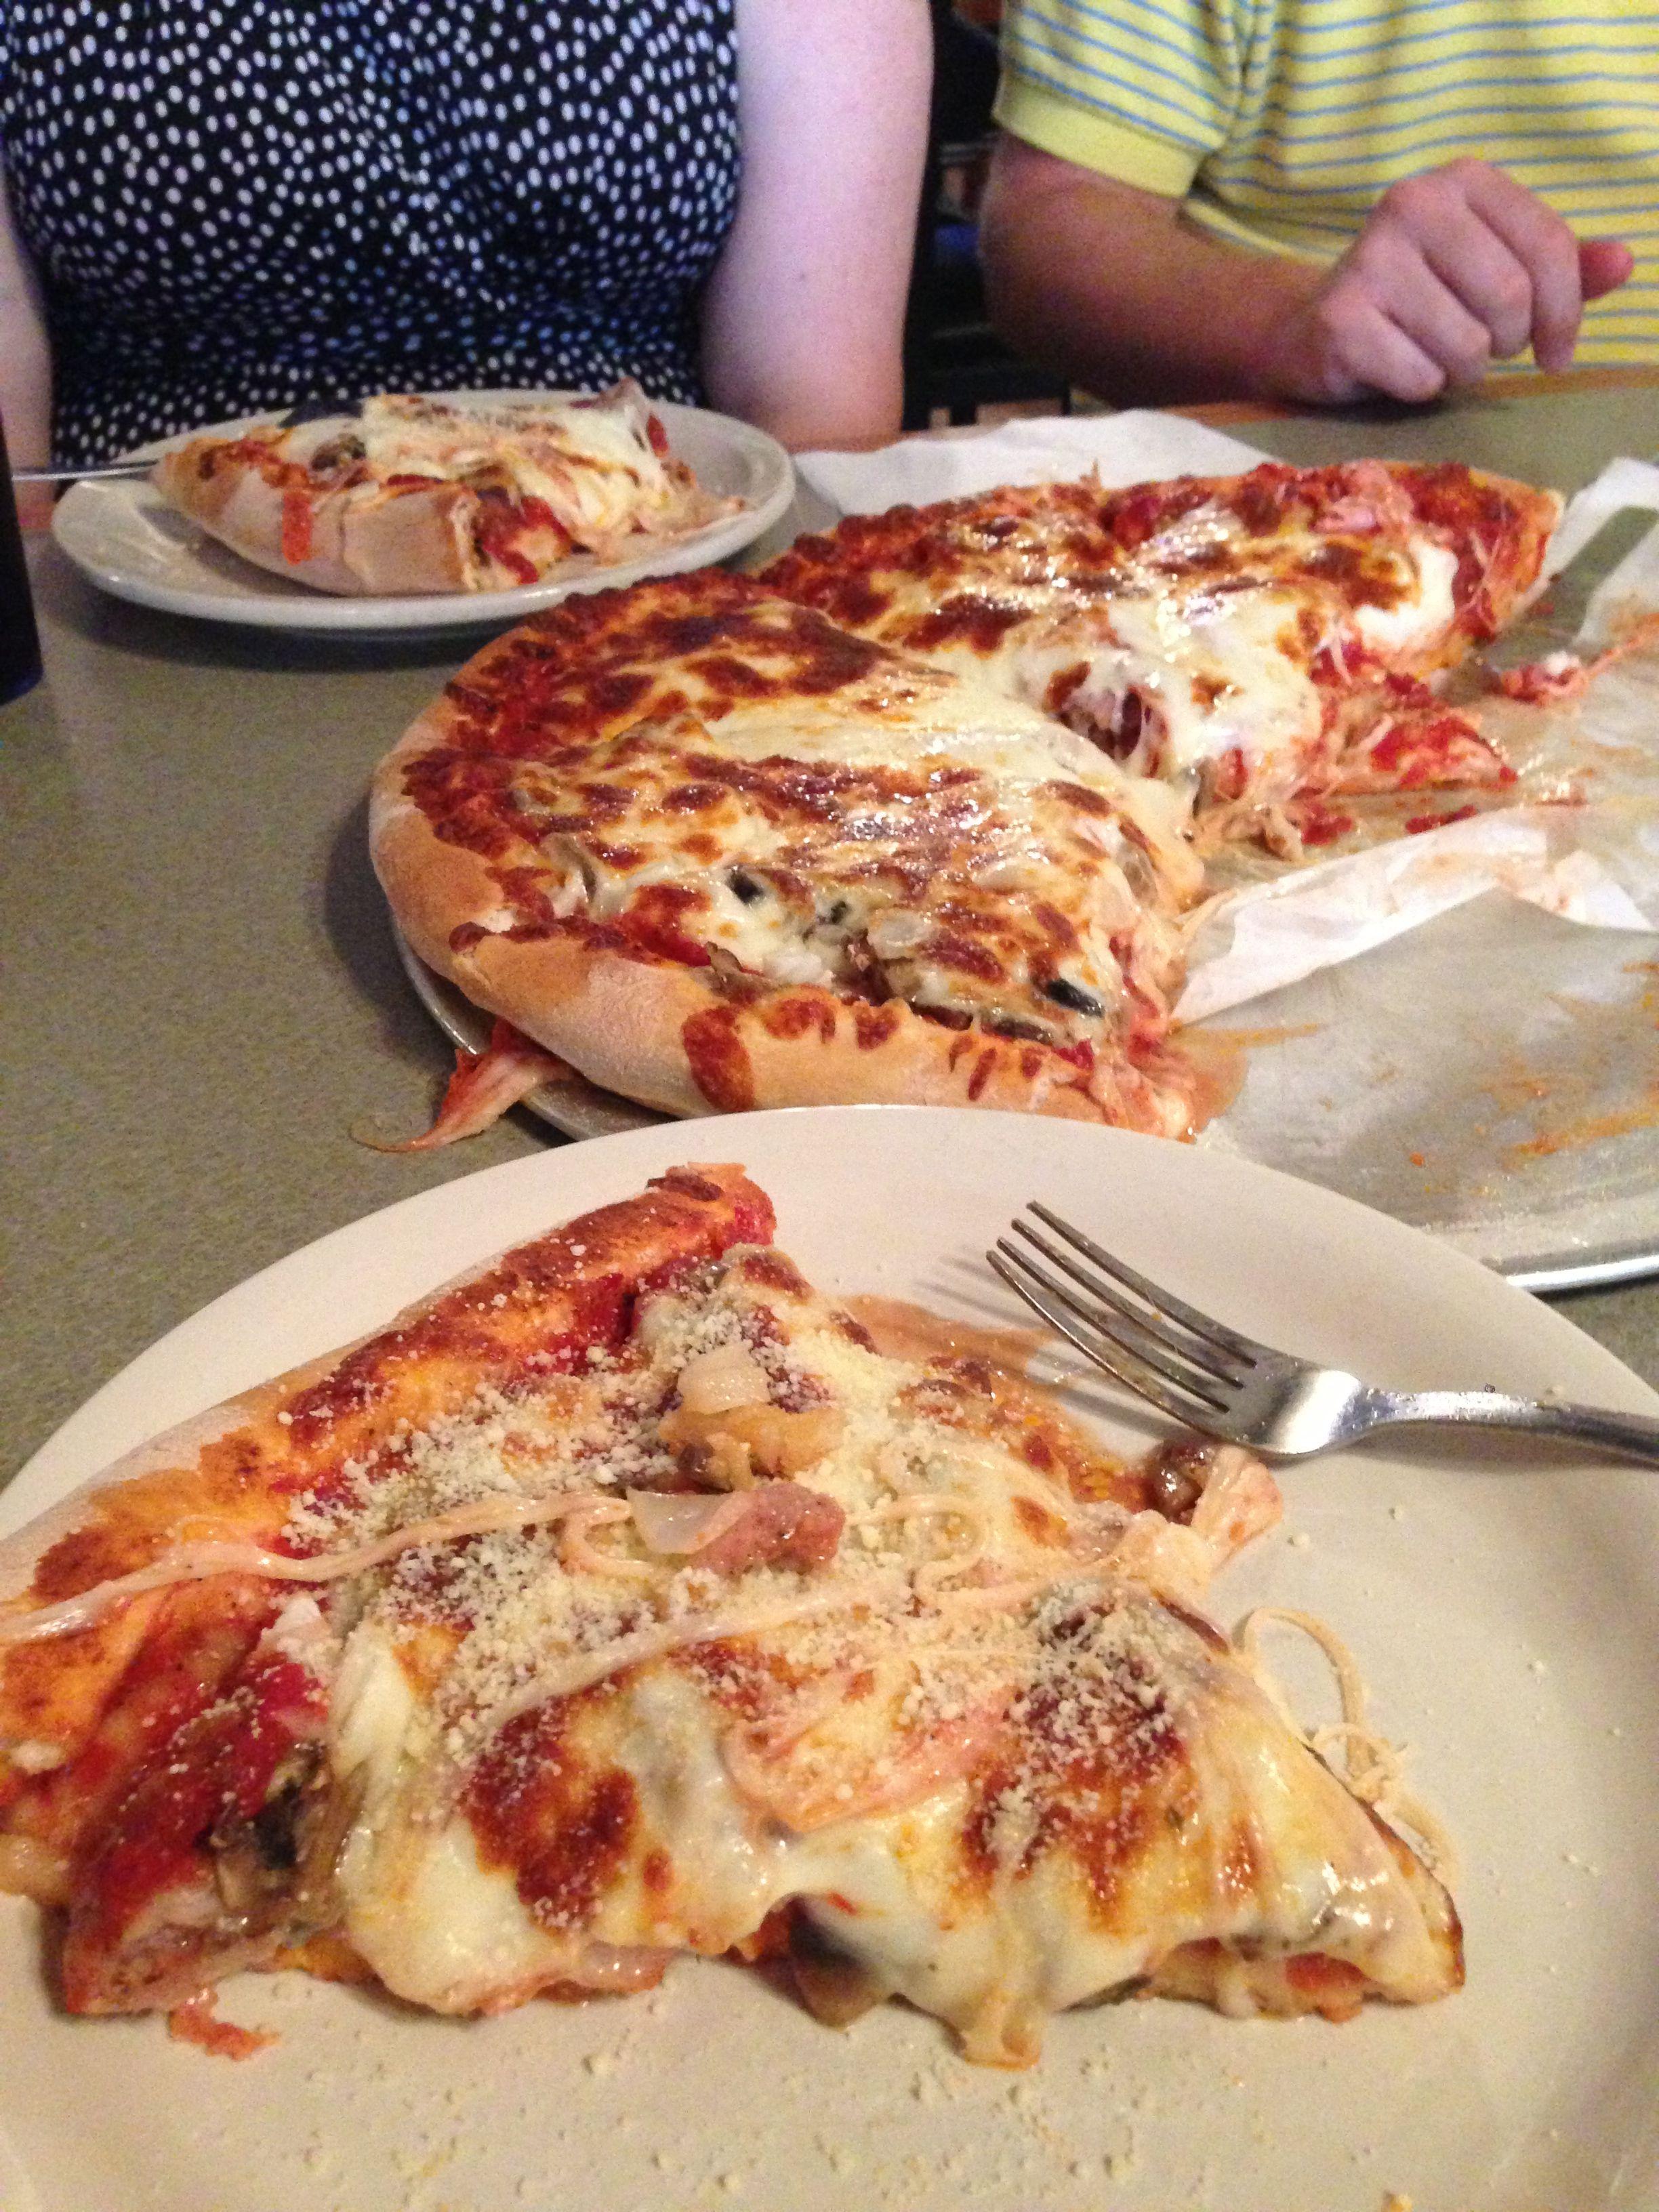 Pagliai S Pizza In Mankato Minnesota Best Pizza Ever Our